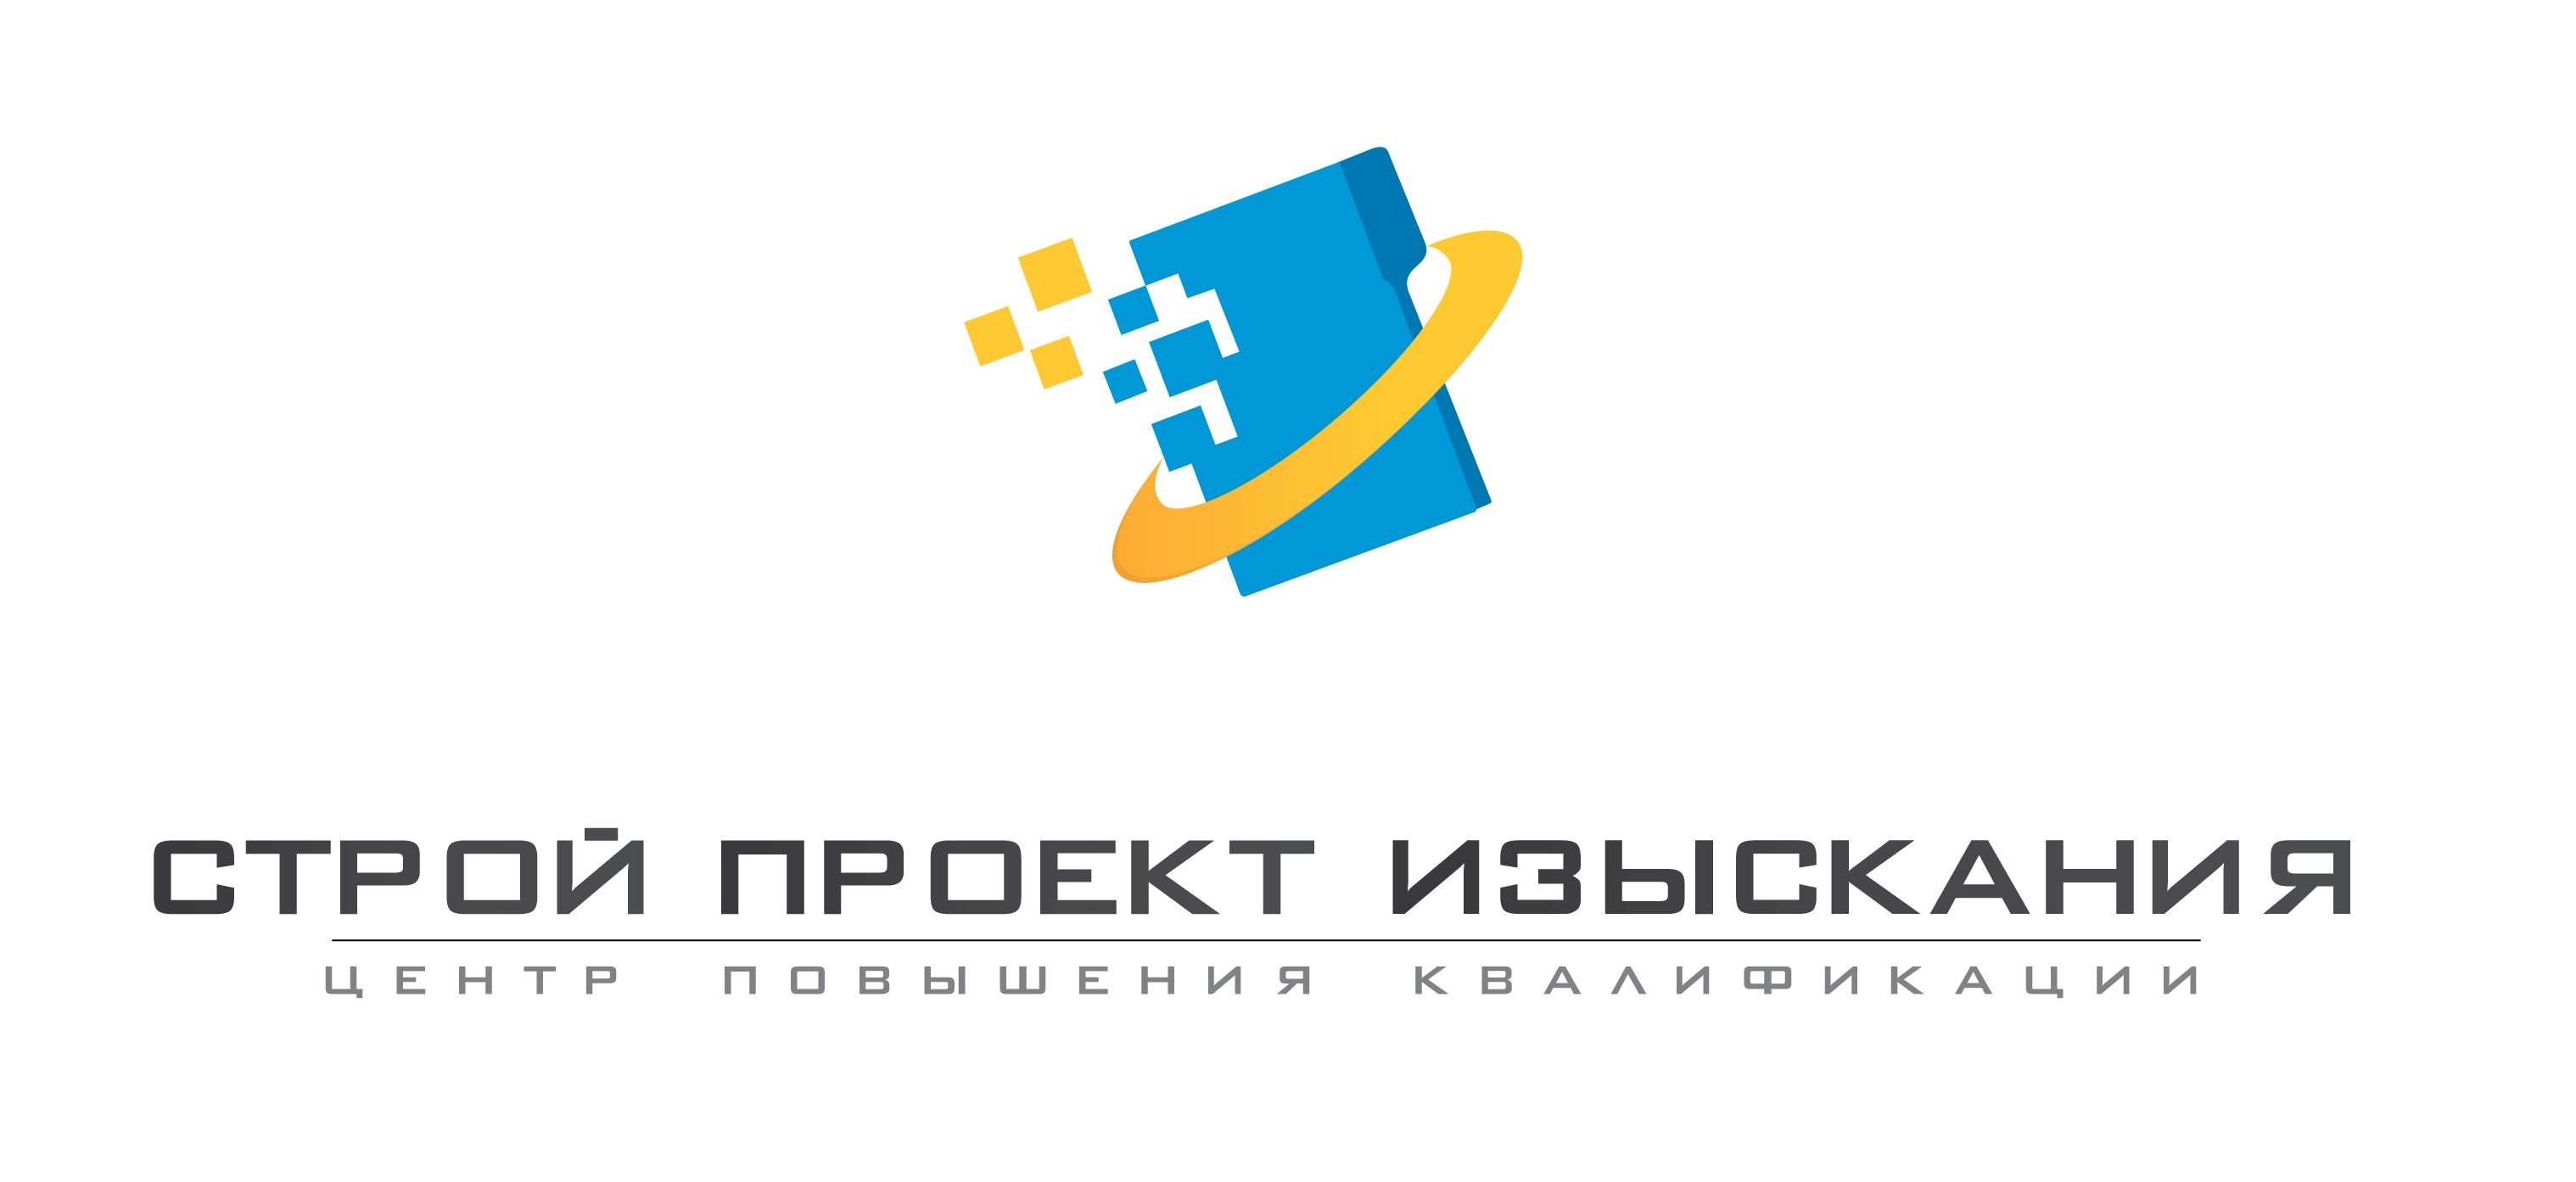 Разработка логотипа  фото f_4f32c7528a1b8.jpg